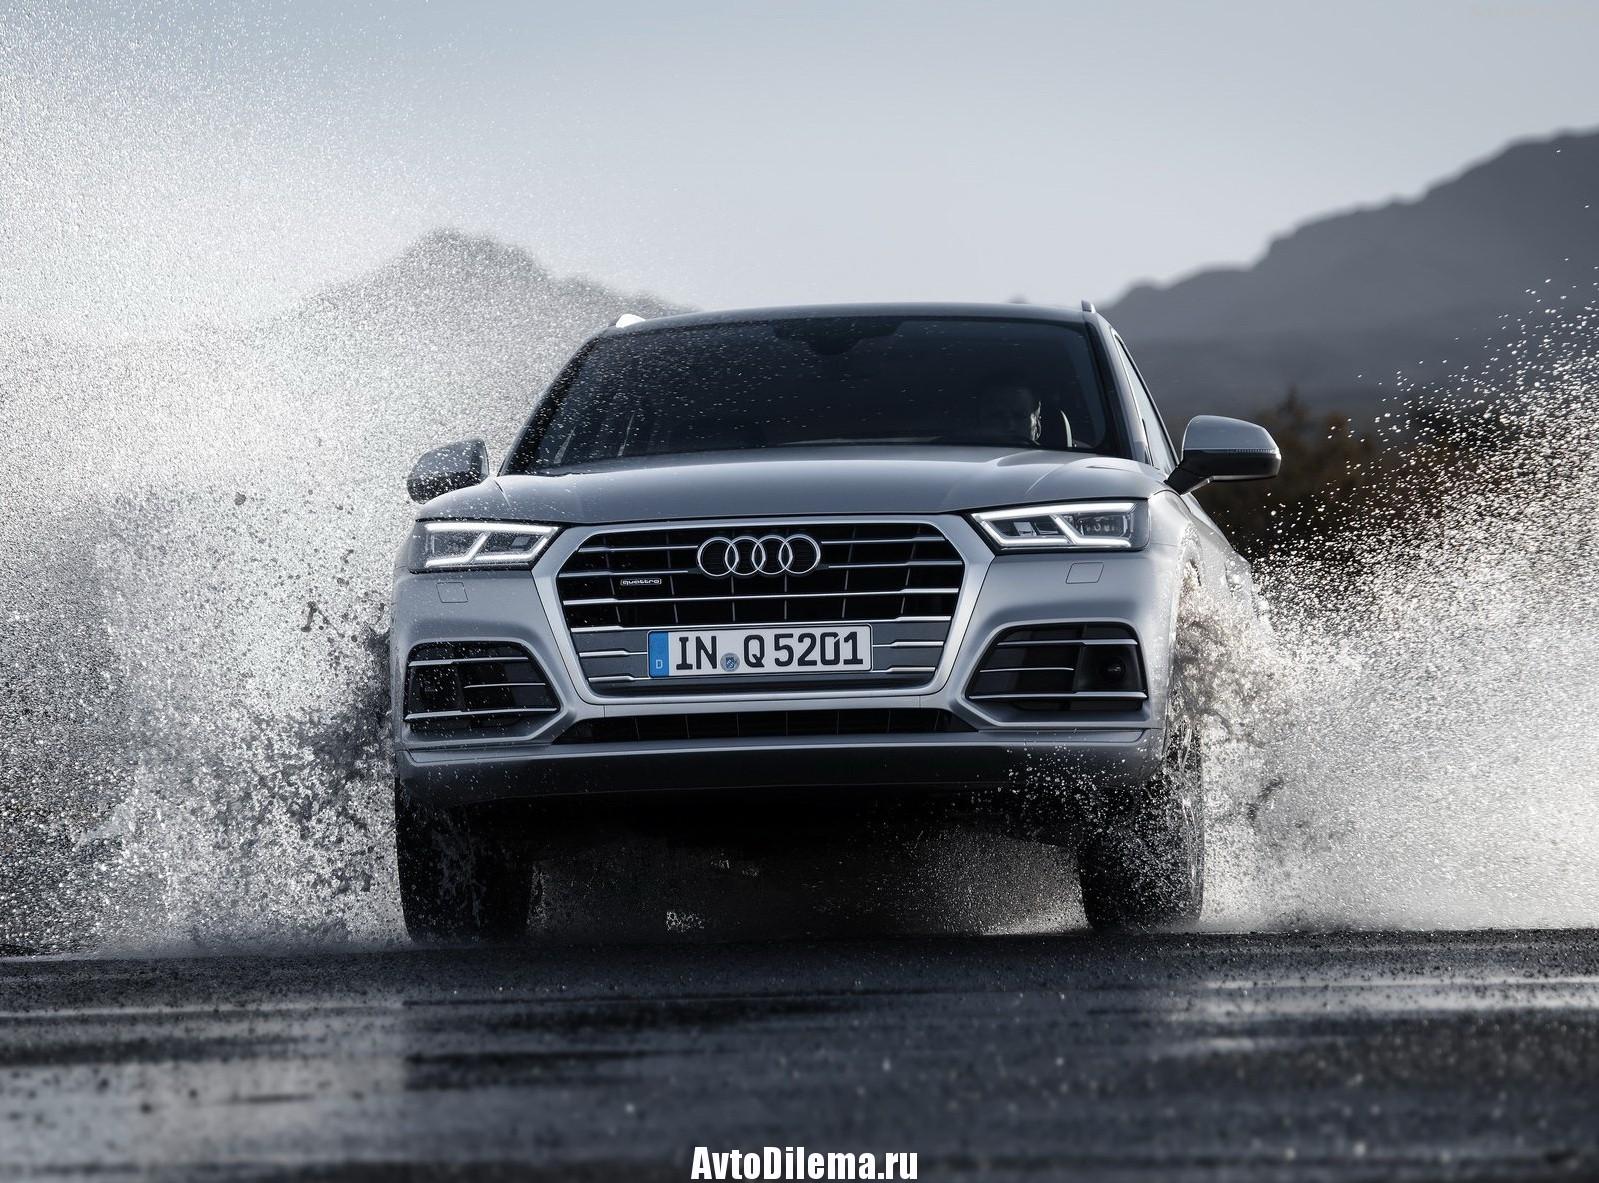 Что нового в Audi Q5 2017 ?